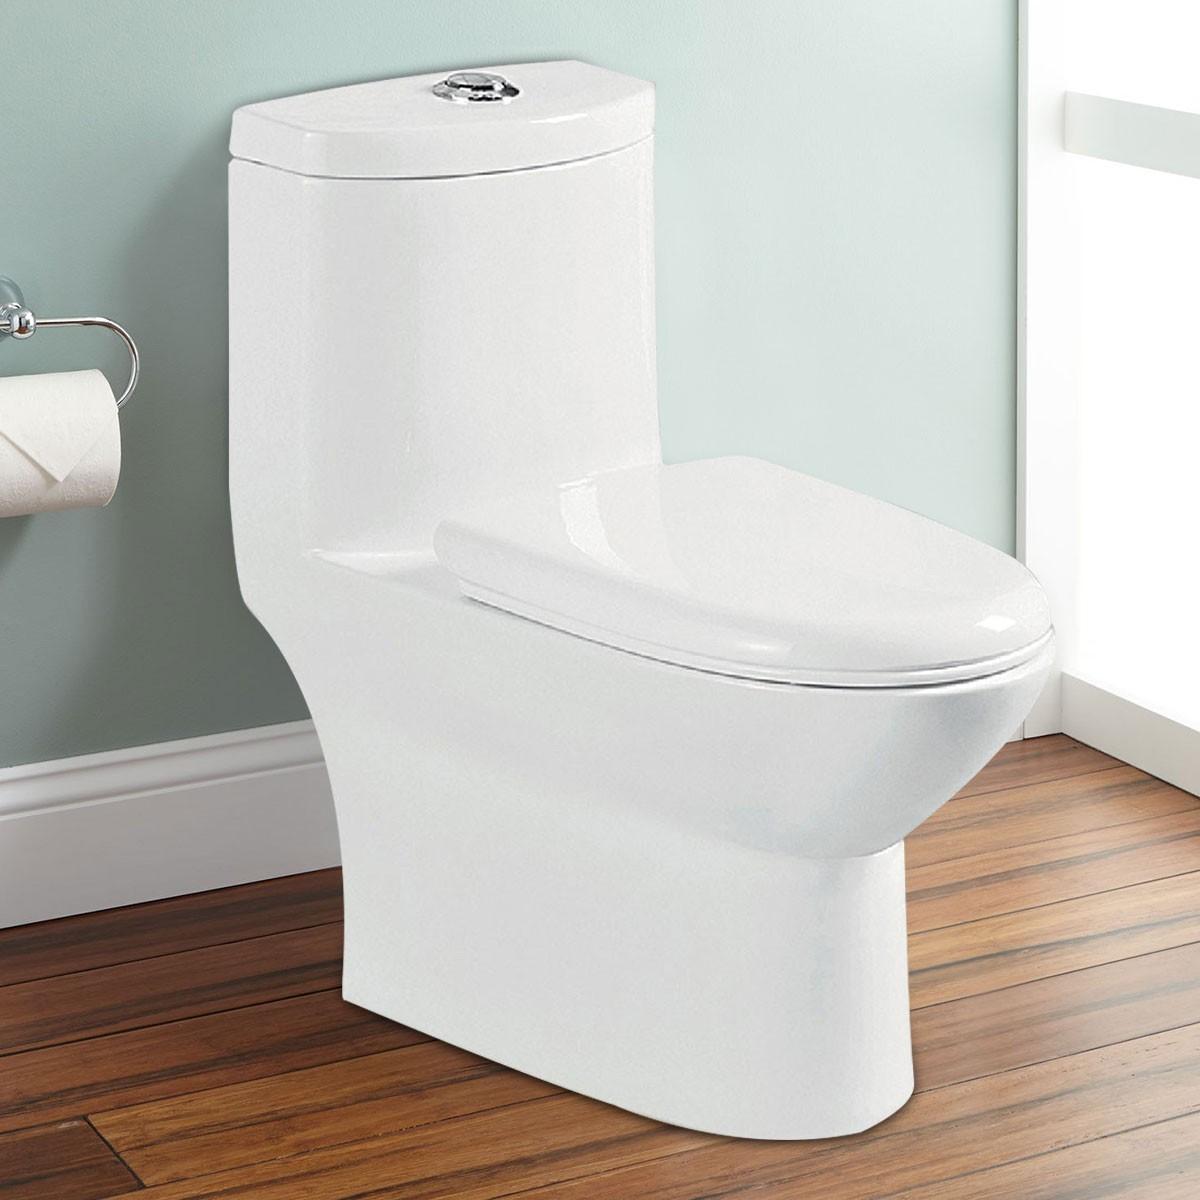 Dual Flush Siphonic One-piece Toilet (DK-ZBQ-12244)